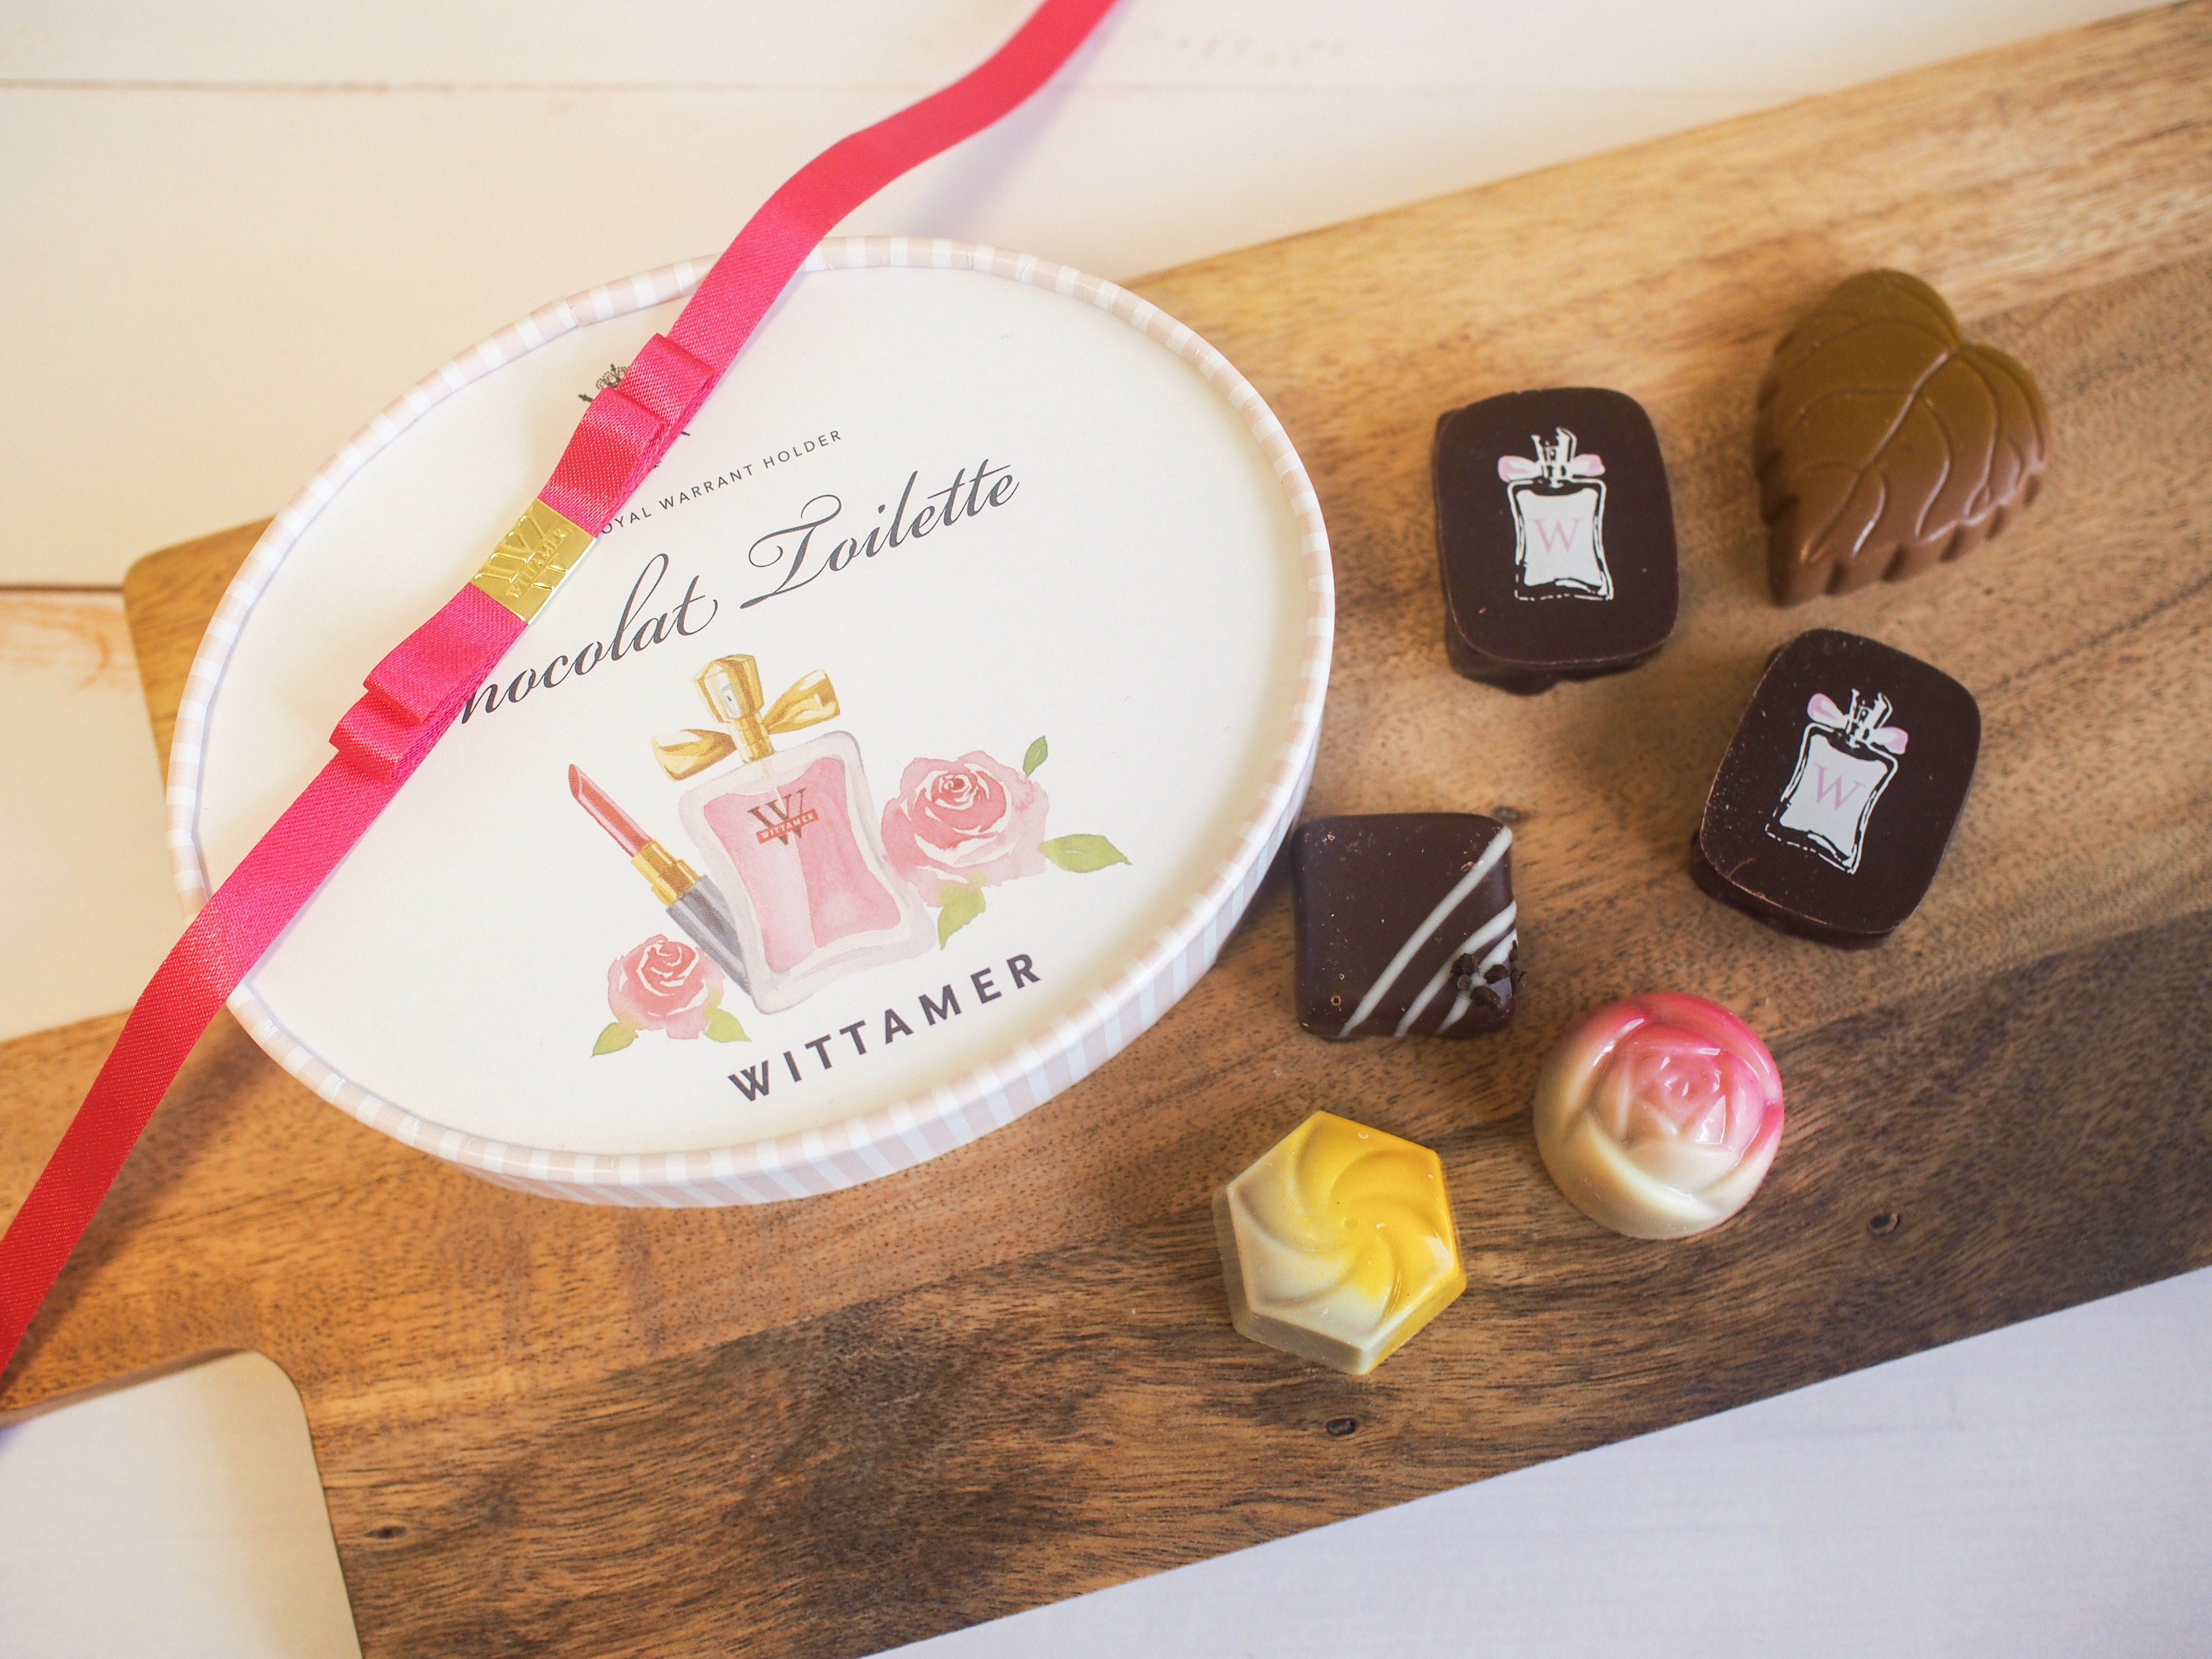 まるで宝石箱!!大切な人に贈りたいヴィタメールの「ショコラ・トワレ」